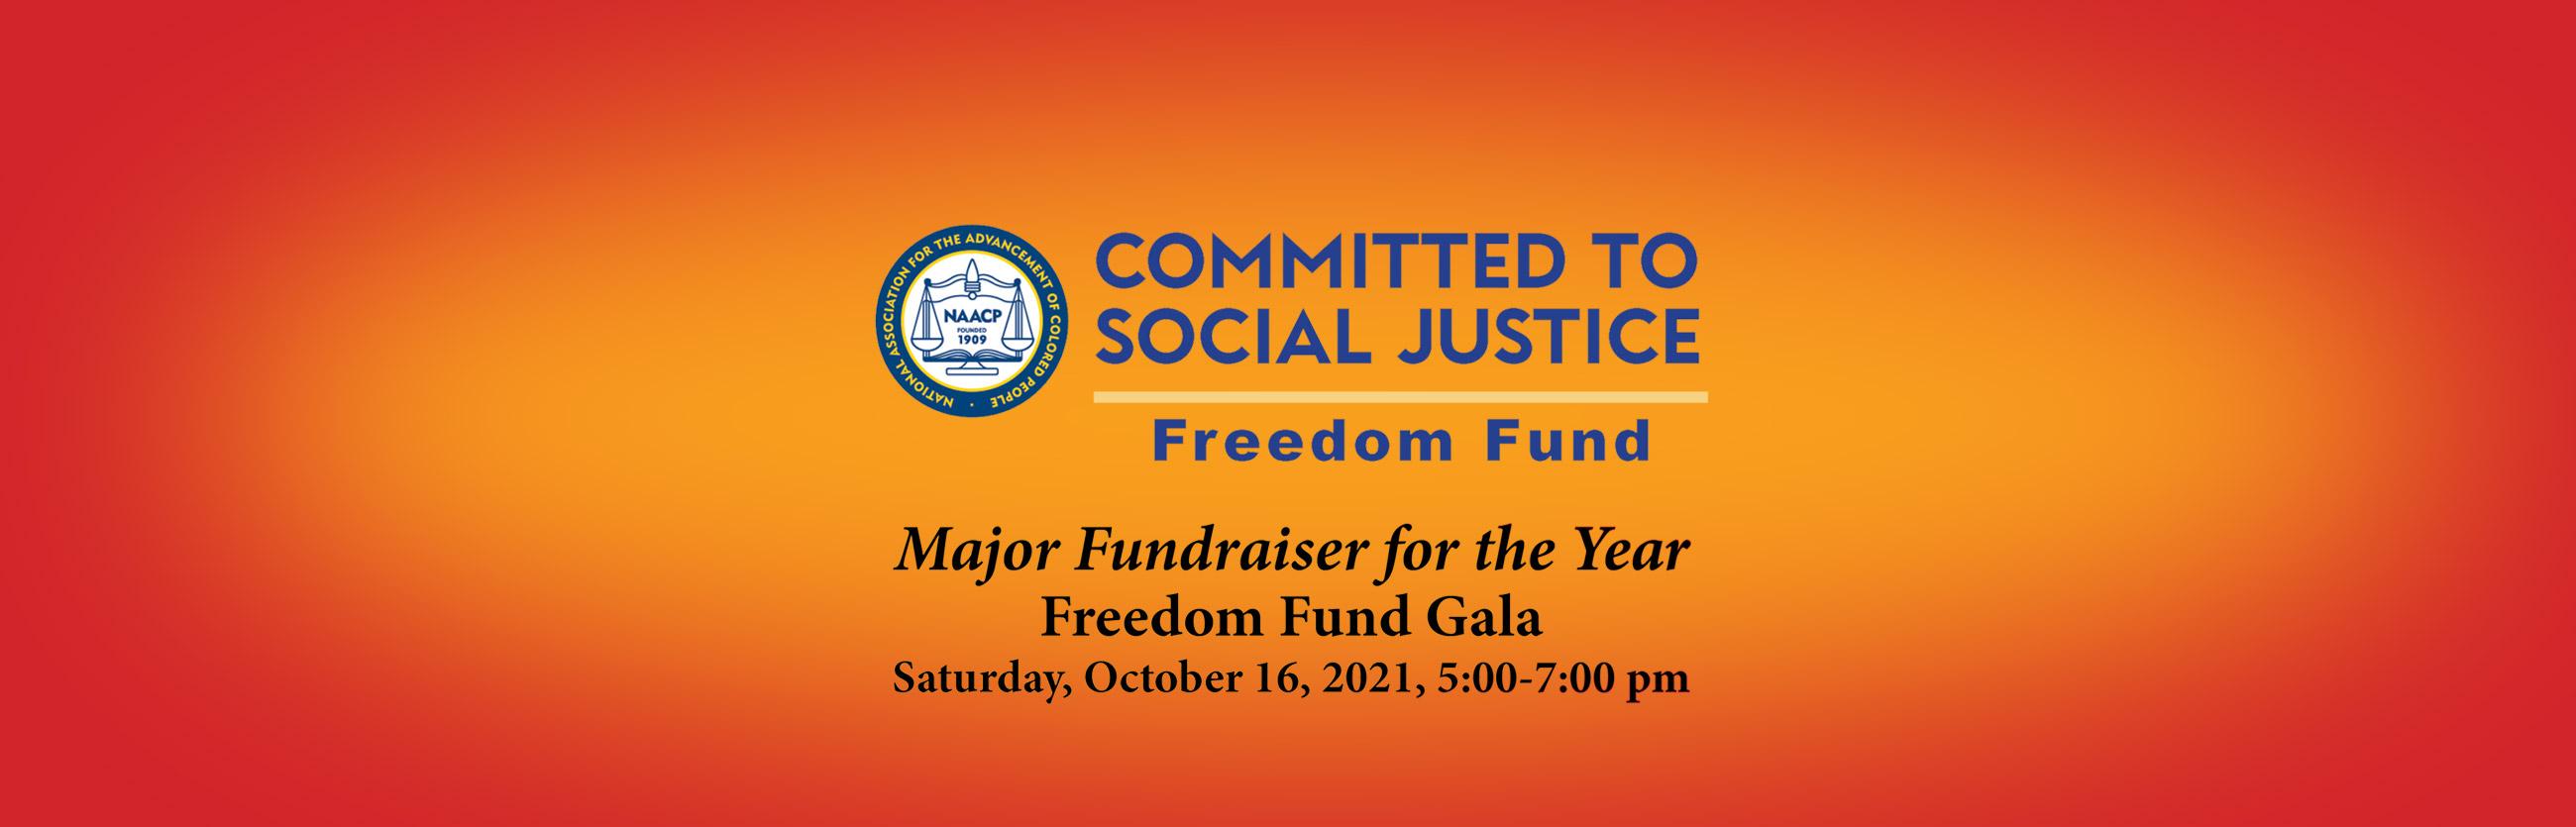 Freedom Fund Gala